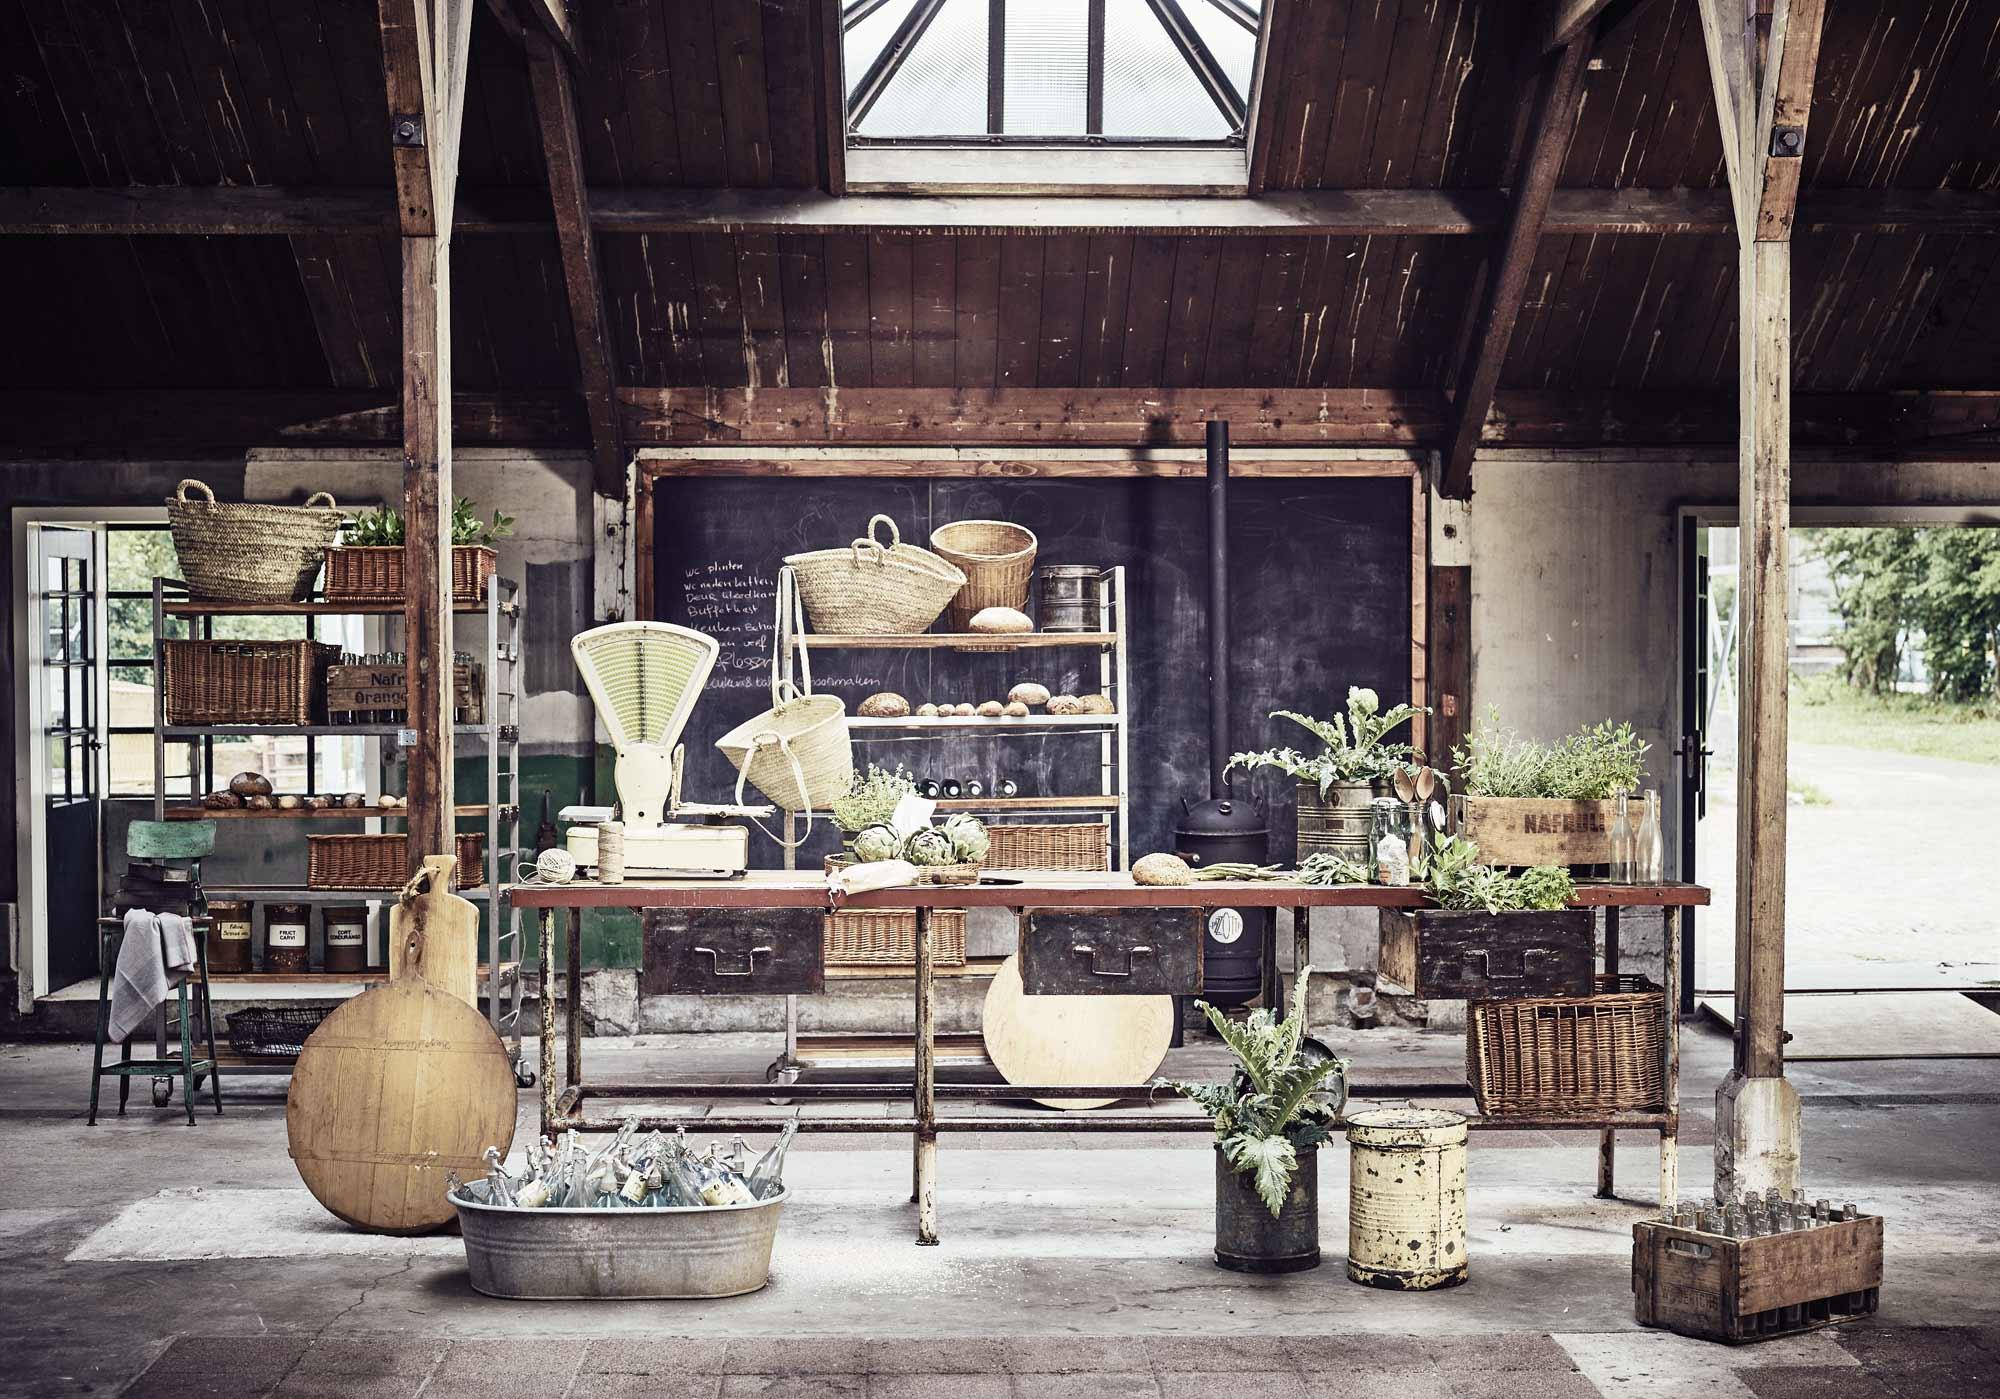 Keuken met oude werkbank